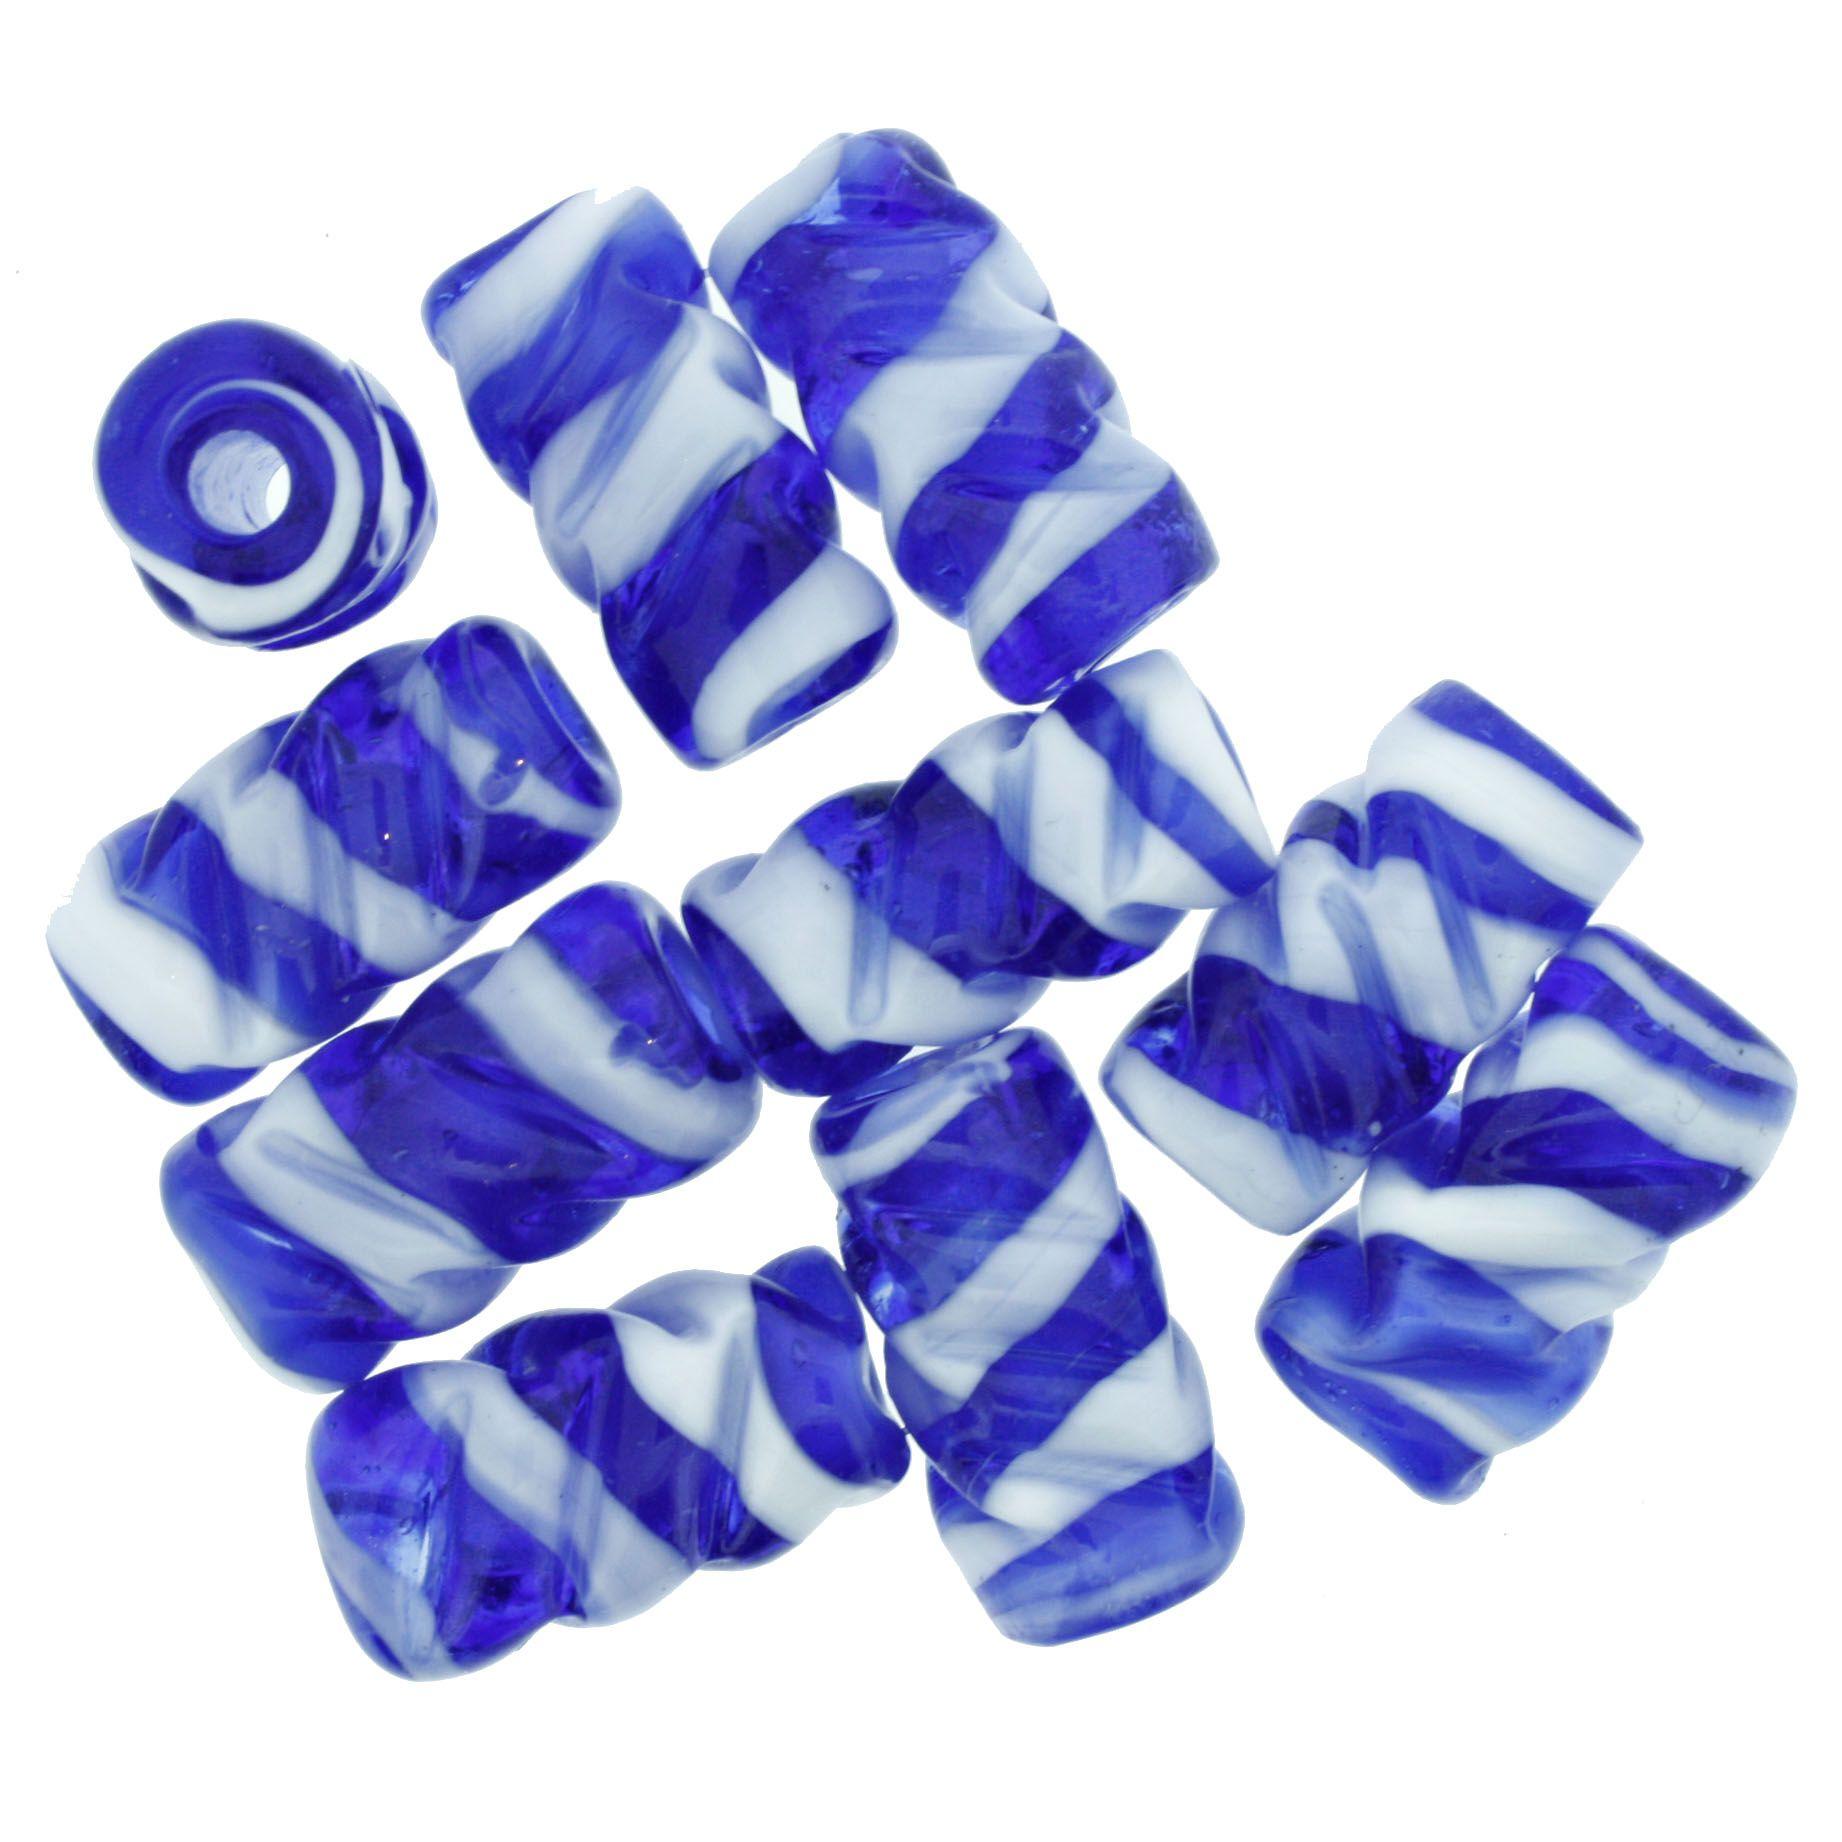 Firma Frisada - Branca e Azul  - Stéphanie Bijoux® - Peças para Bijuterias e Artesanato